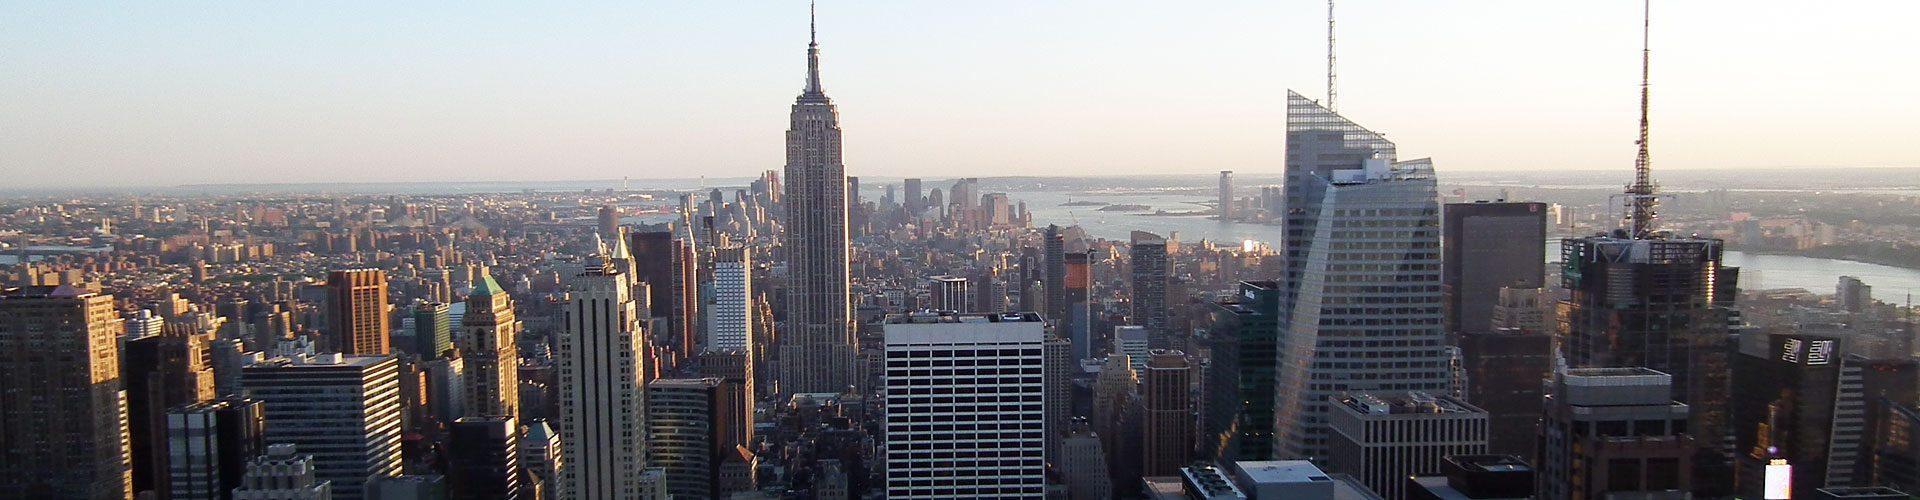 Manhattan von oben, mit Chrysler Building, New York City